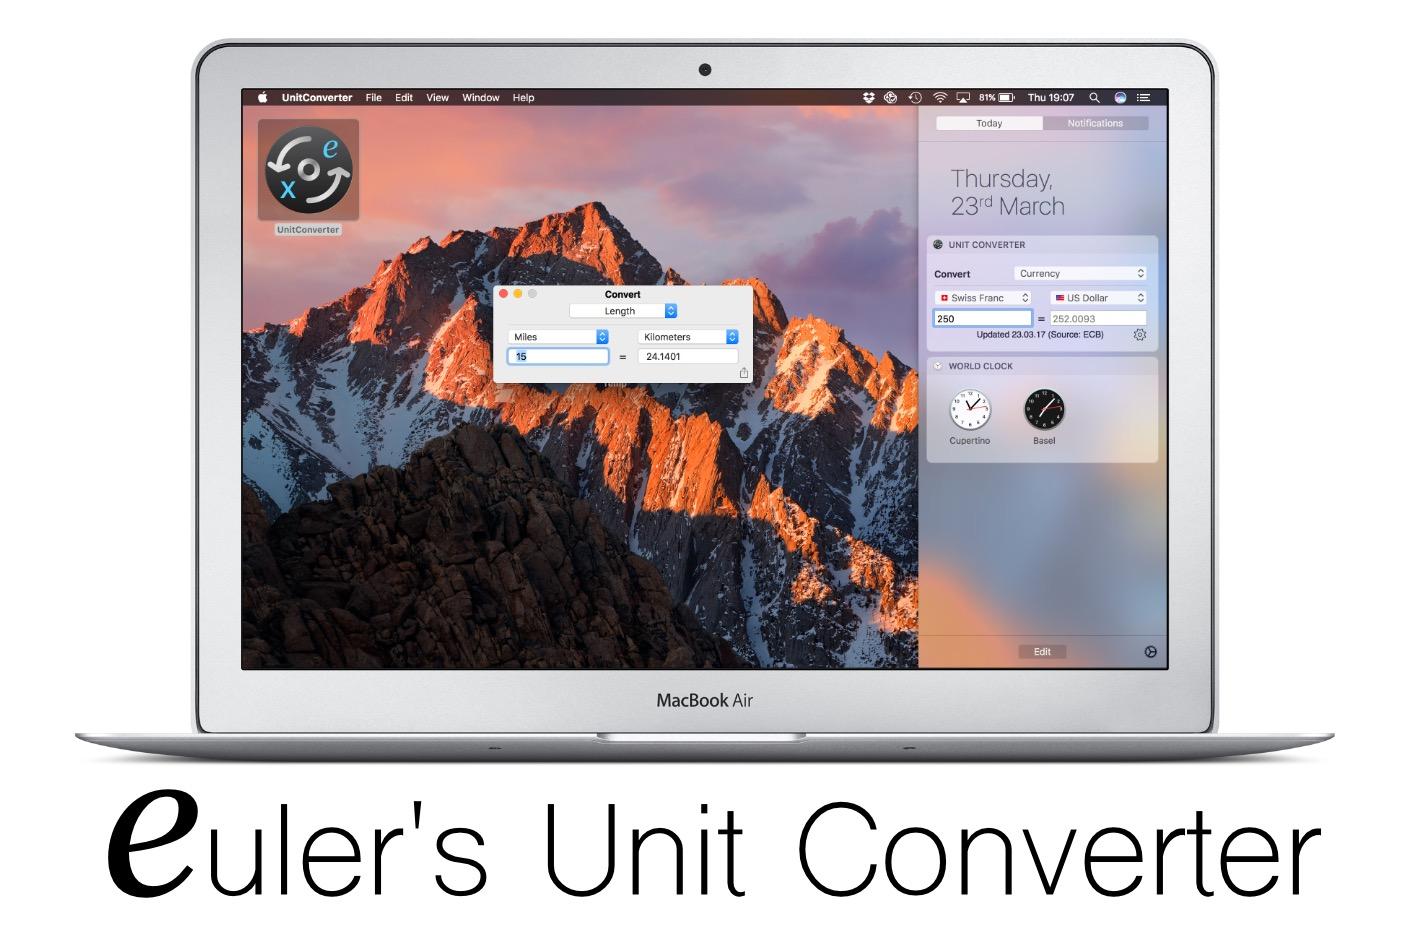 Euler's Unit Converter App